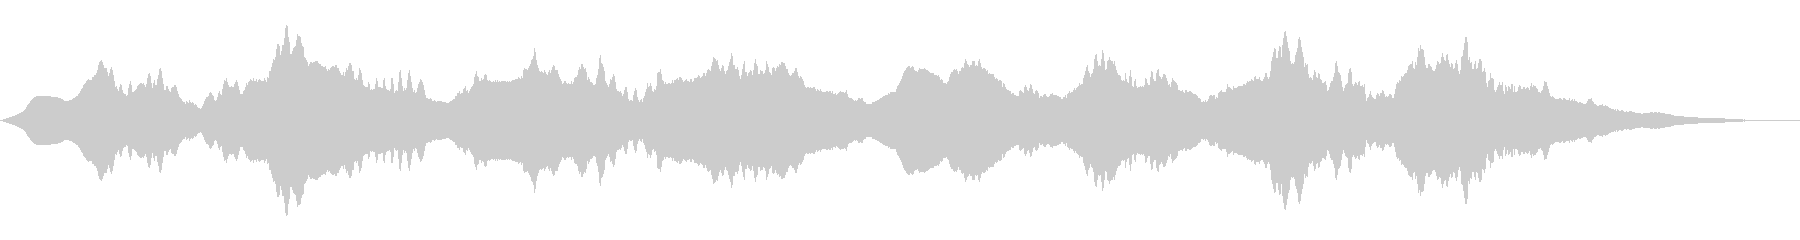 劇伴 金属的な響きのホラーアンビエントの未再生の波形